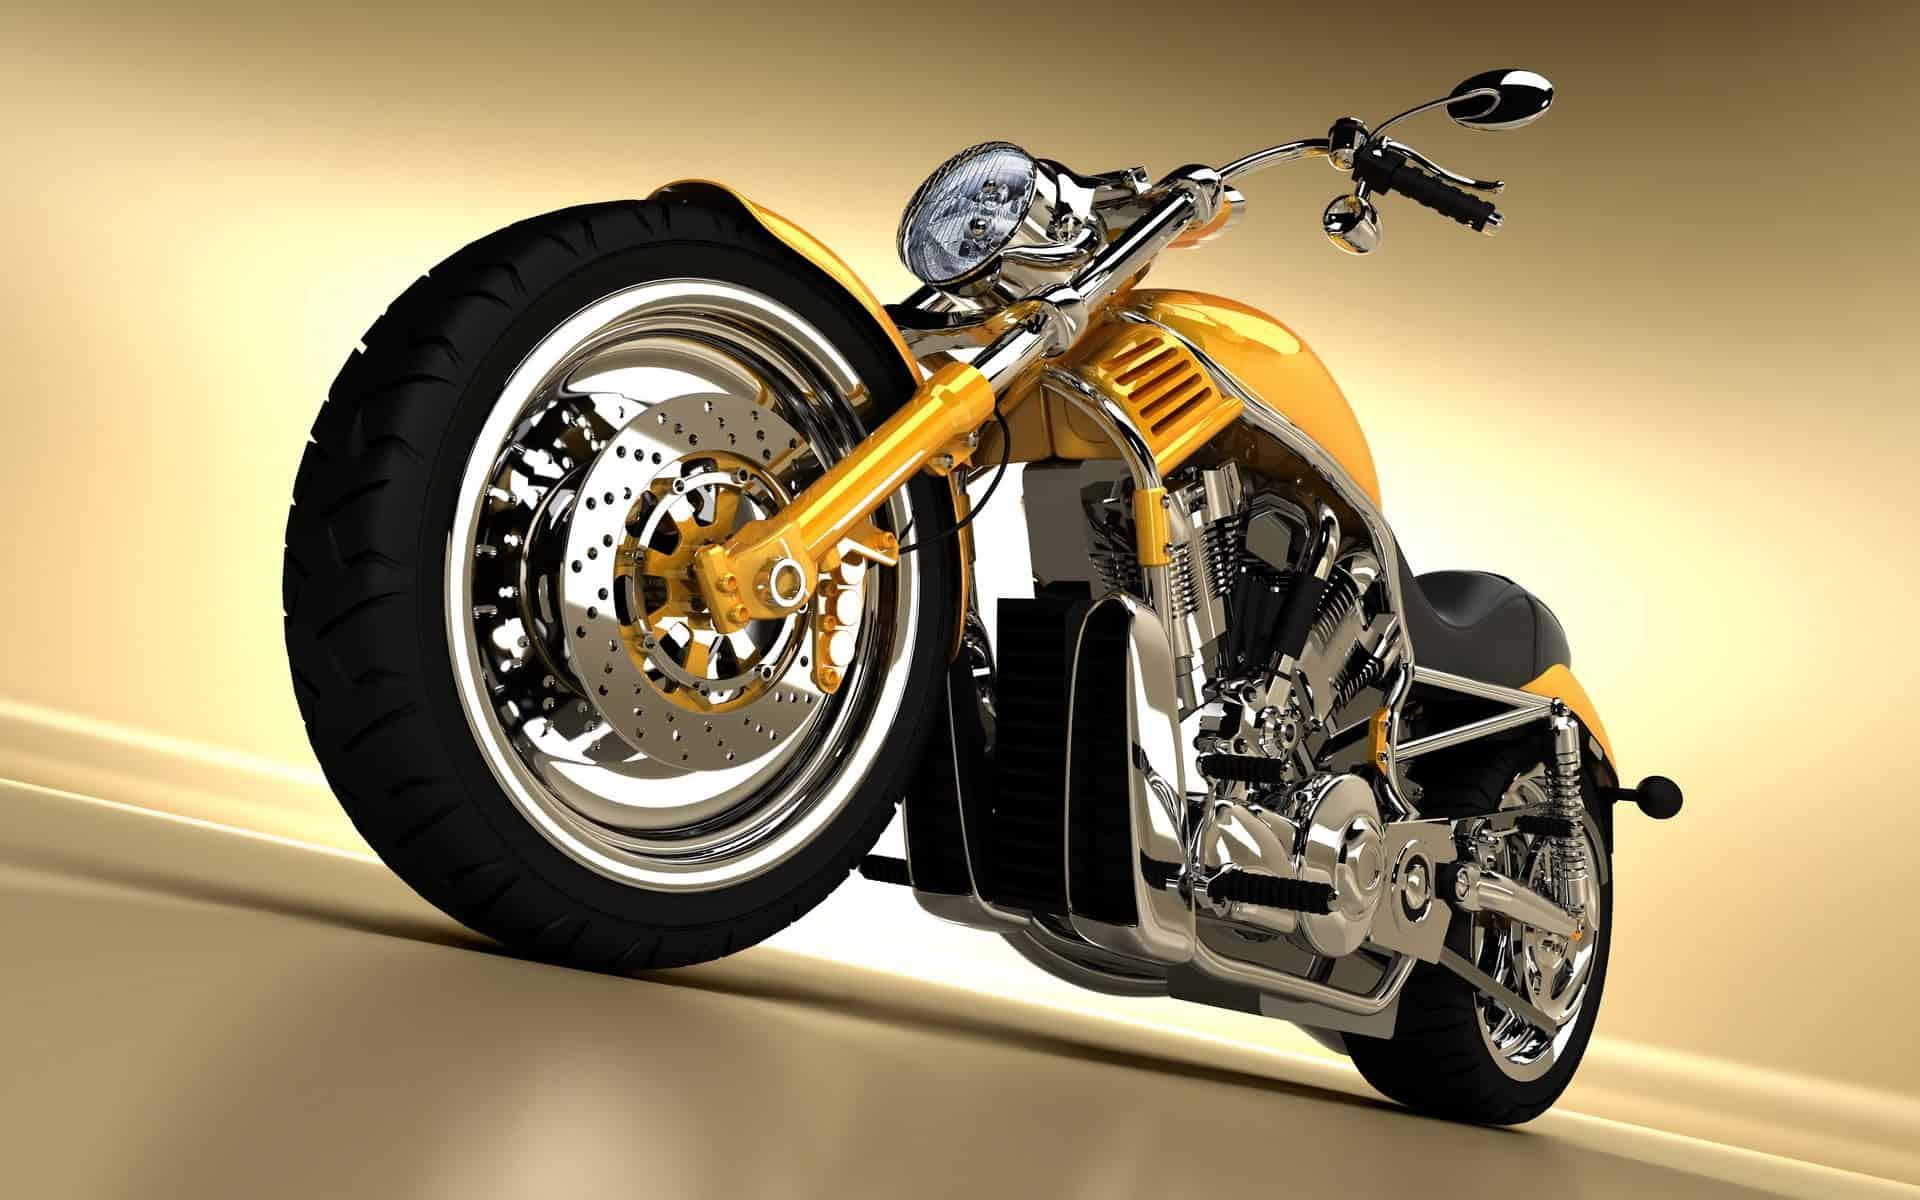 Superbike Hd Wallpaper Full Screen: Harley Davidson Dagen Voor (+ Niet) Rijders